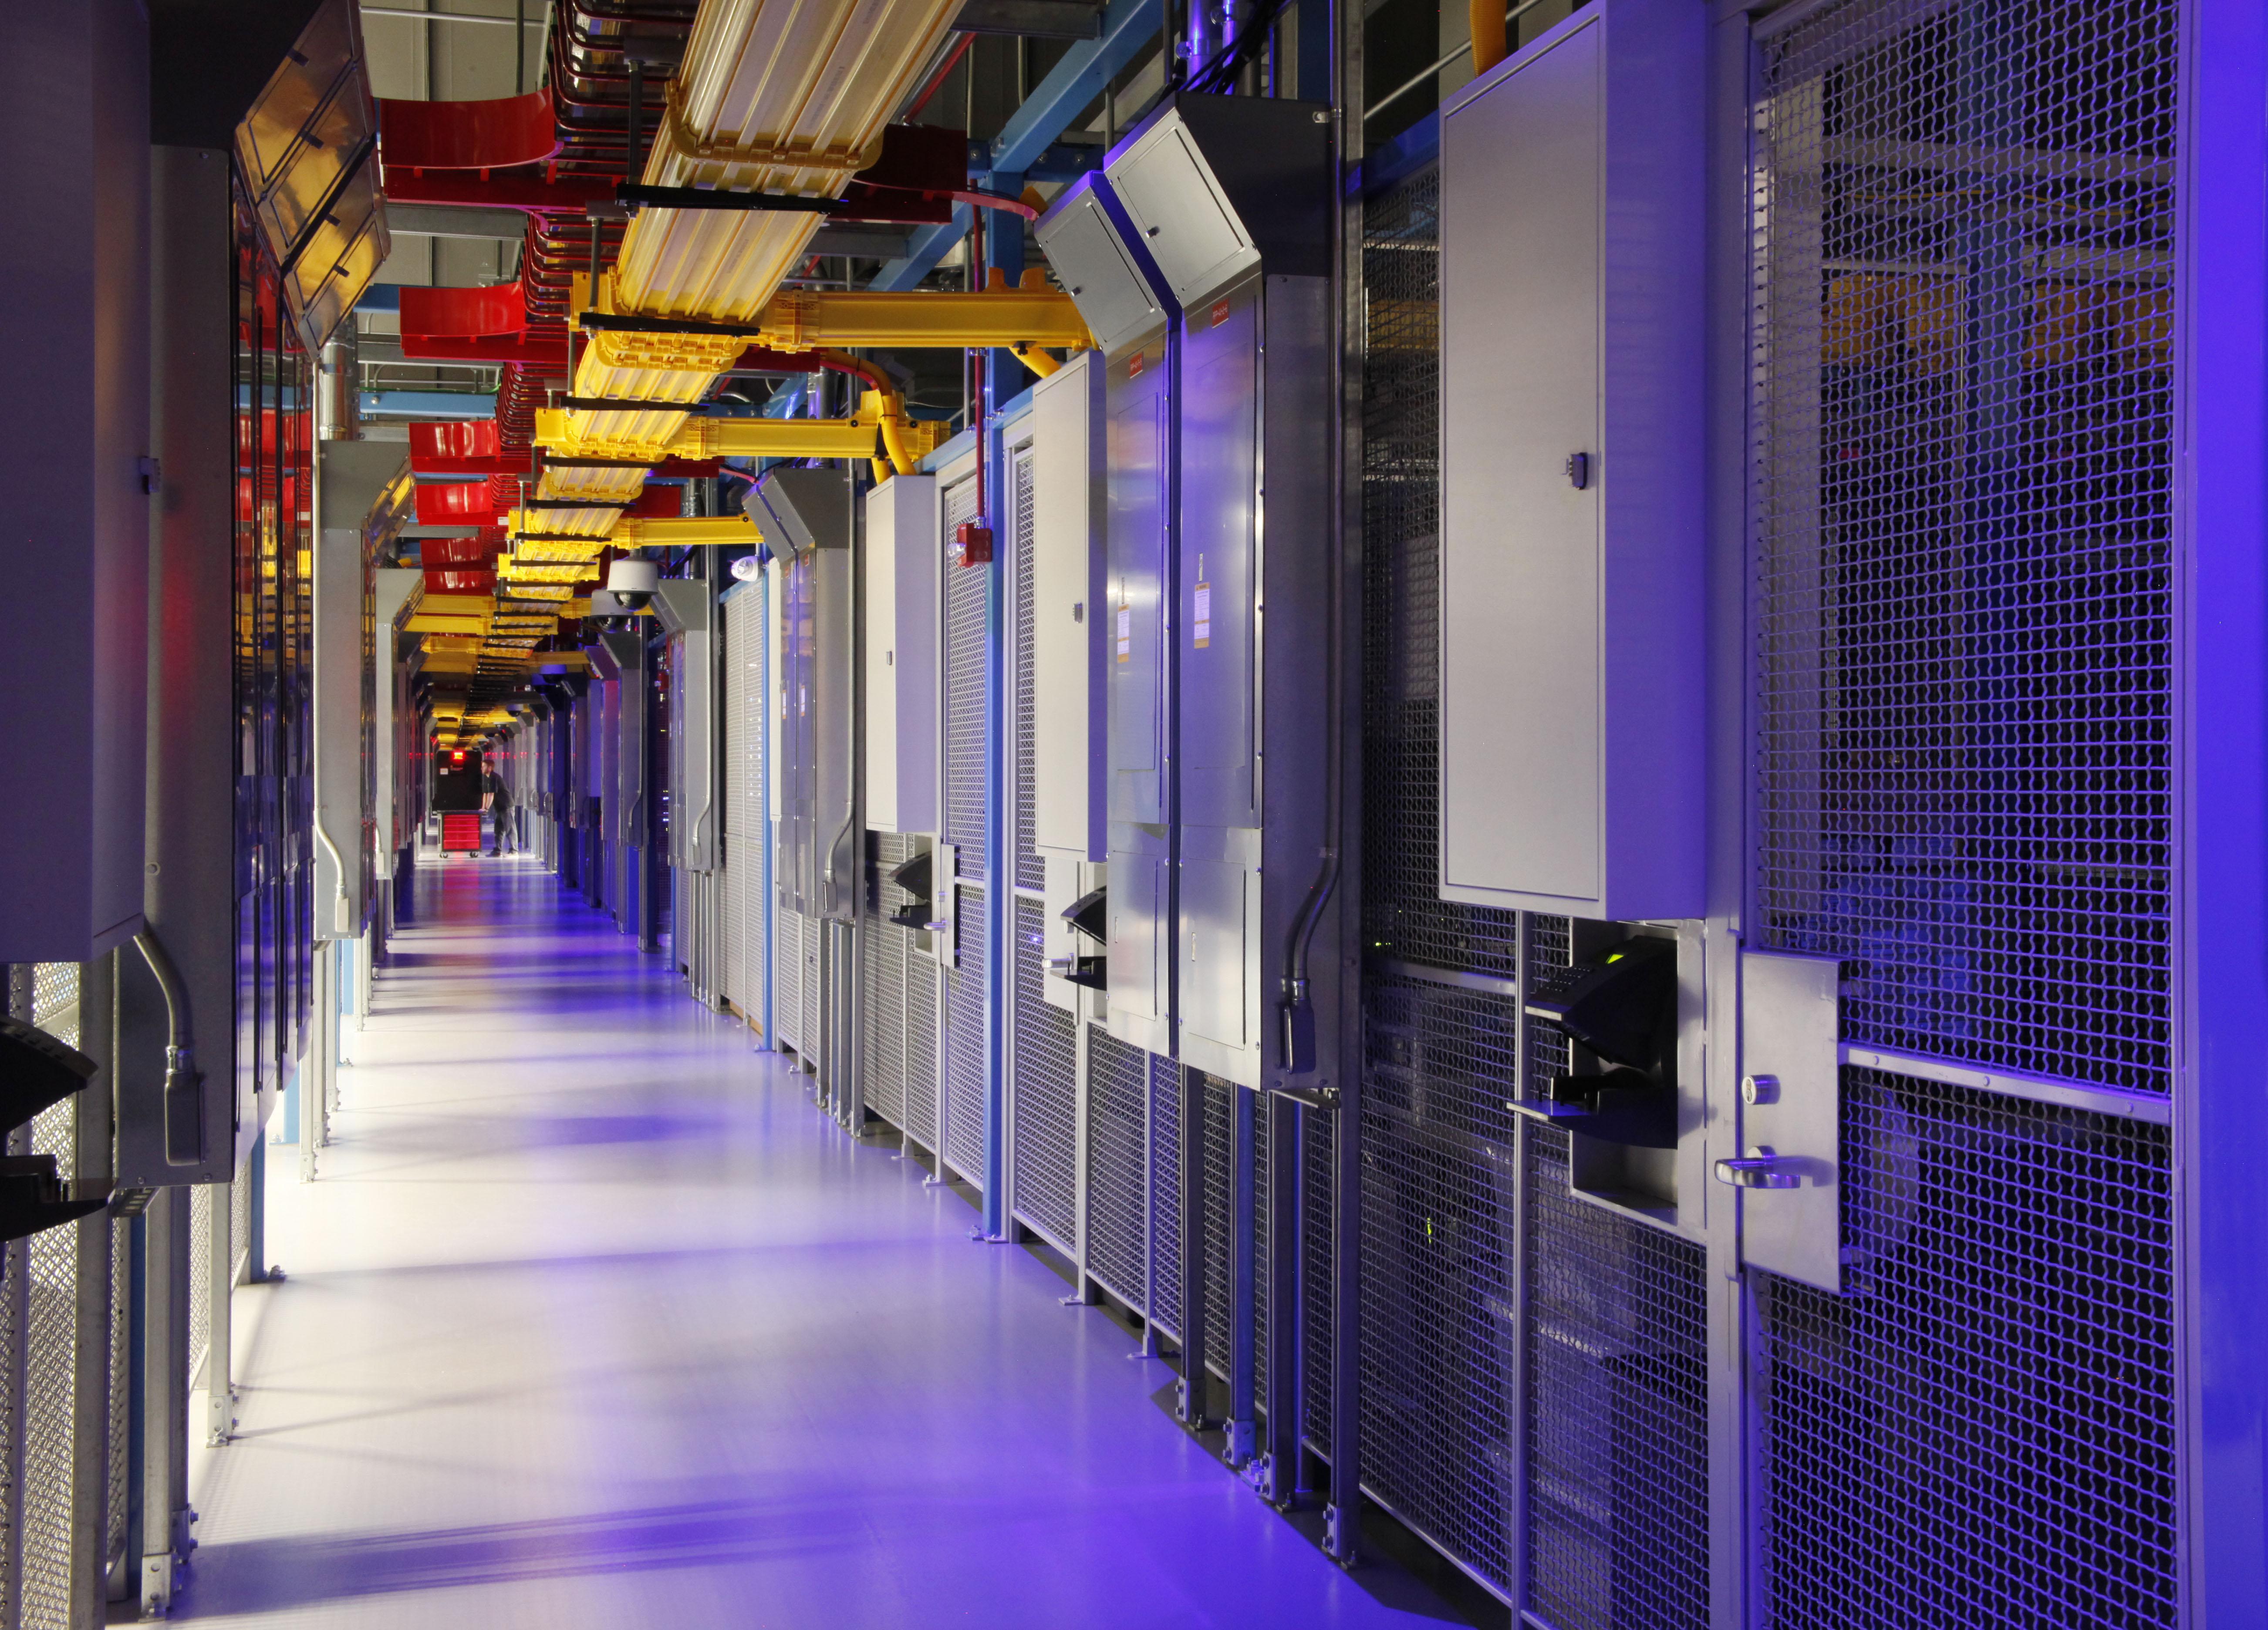 Innerhalb von Rechenzentren vernetzen sich Unternehmen, Cloud- und Service-Provider zu 'digitalen Ökosystemen'. Diese erleichtern den ortsunabhängigen, schnellen und sicheren Austausch kritischer Daten zur Umsetzung komplexer IoT-Anwendungen. (Bild: Equinix Germany GmbH)